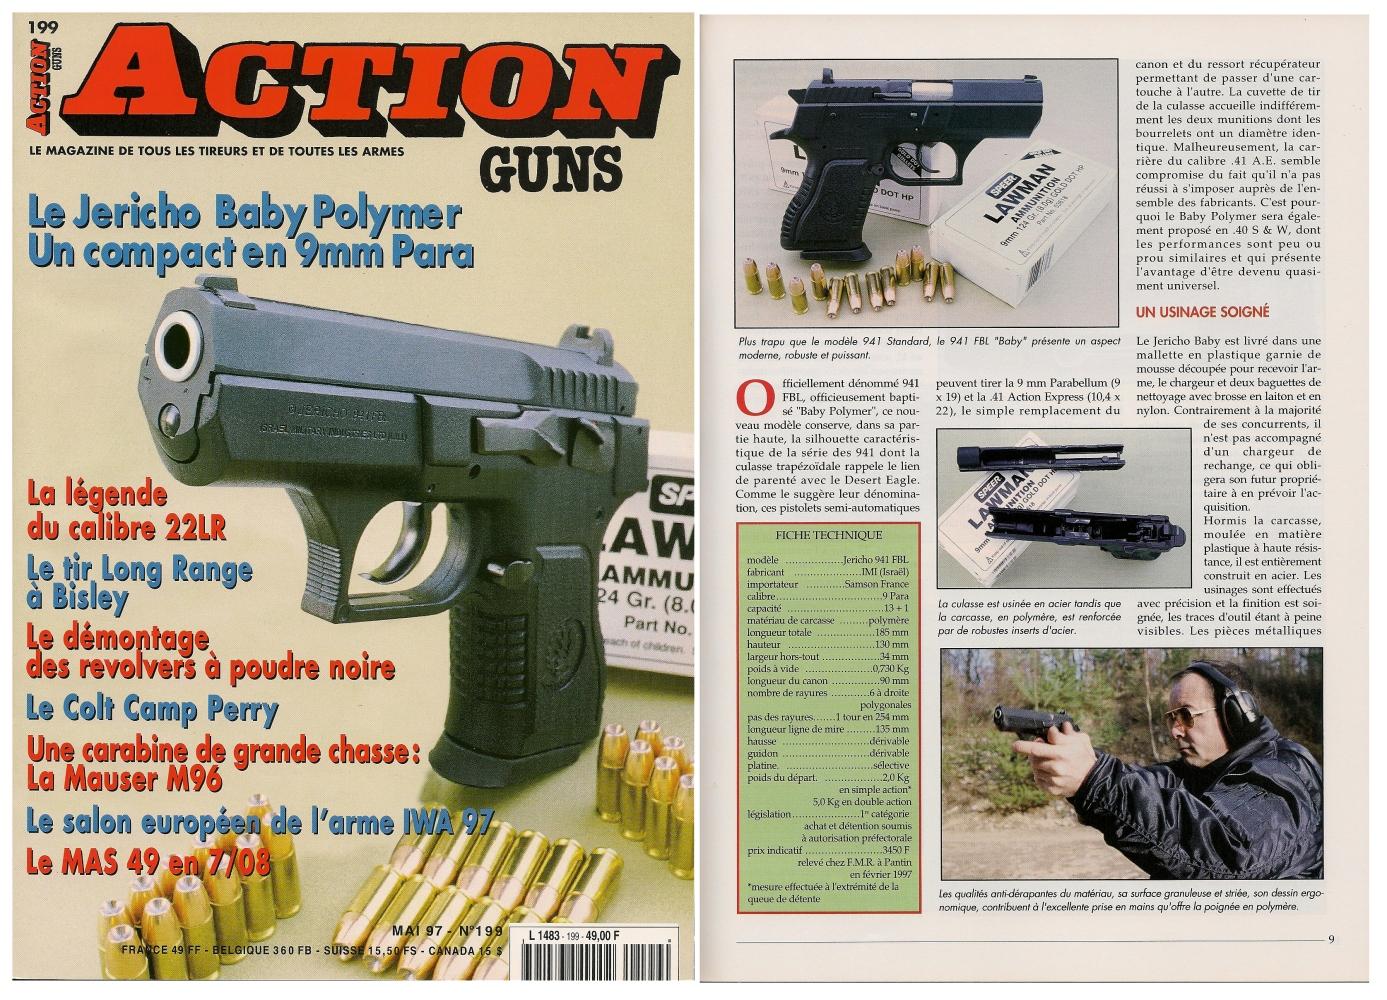 Le banc d'essai du pistolet Jericho « Baby Polymer » a été publié sur 7 pages dans le magazine Action Guns n°199 (mai 1997).